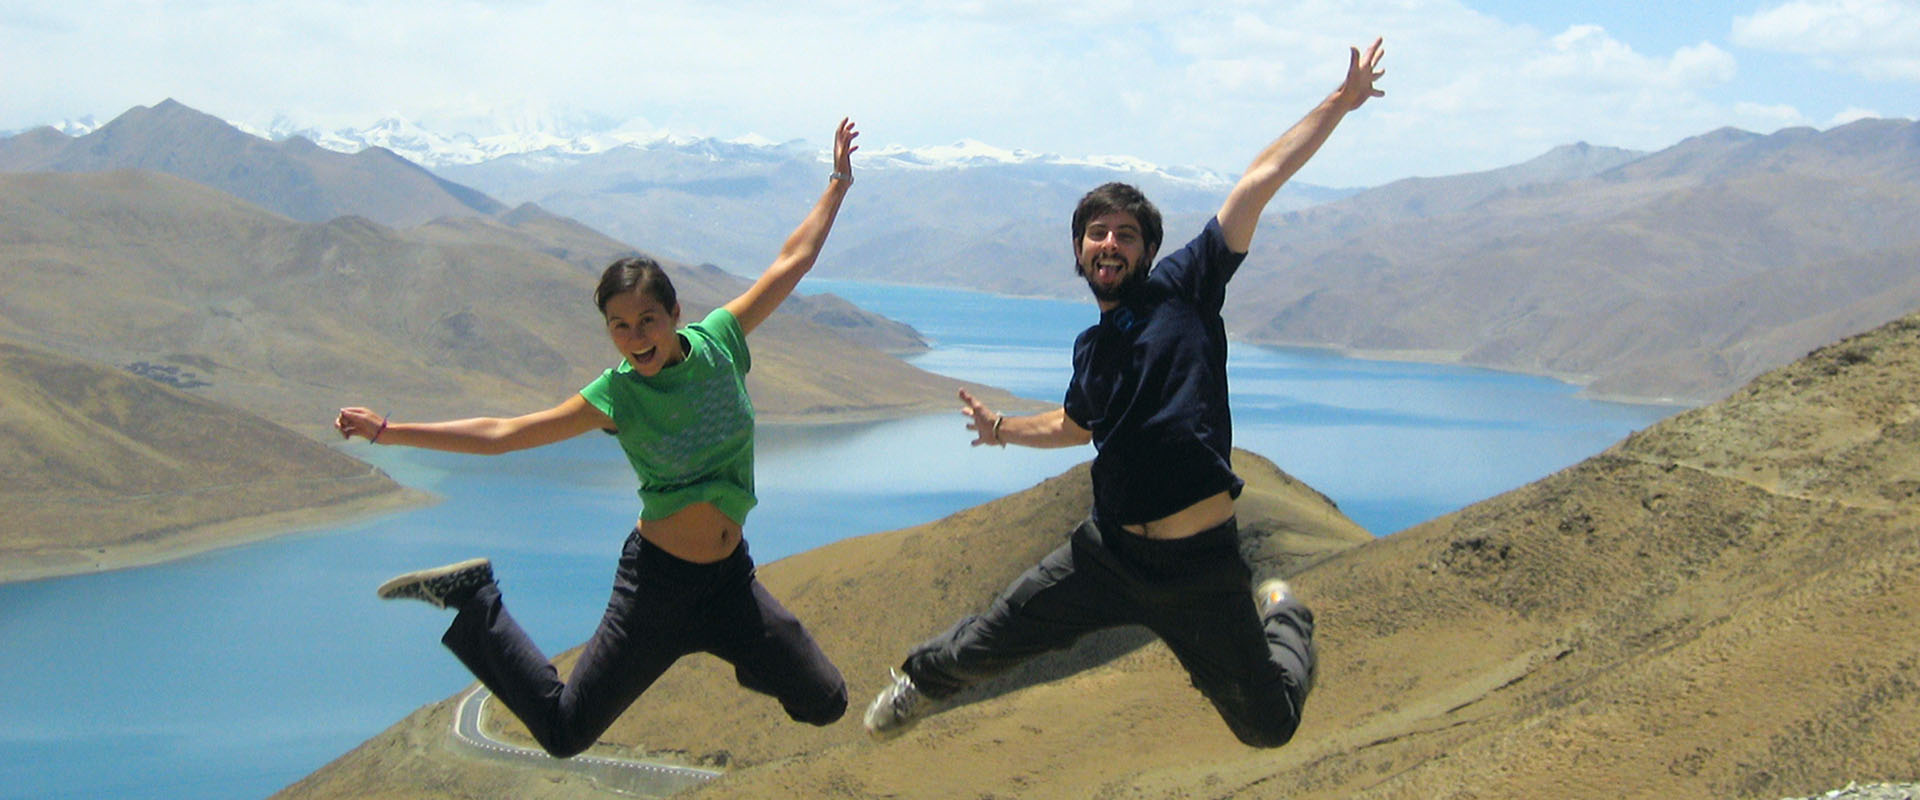 Lhasa Day Tour